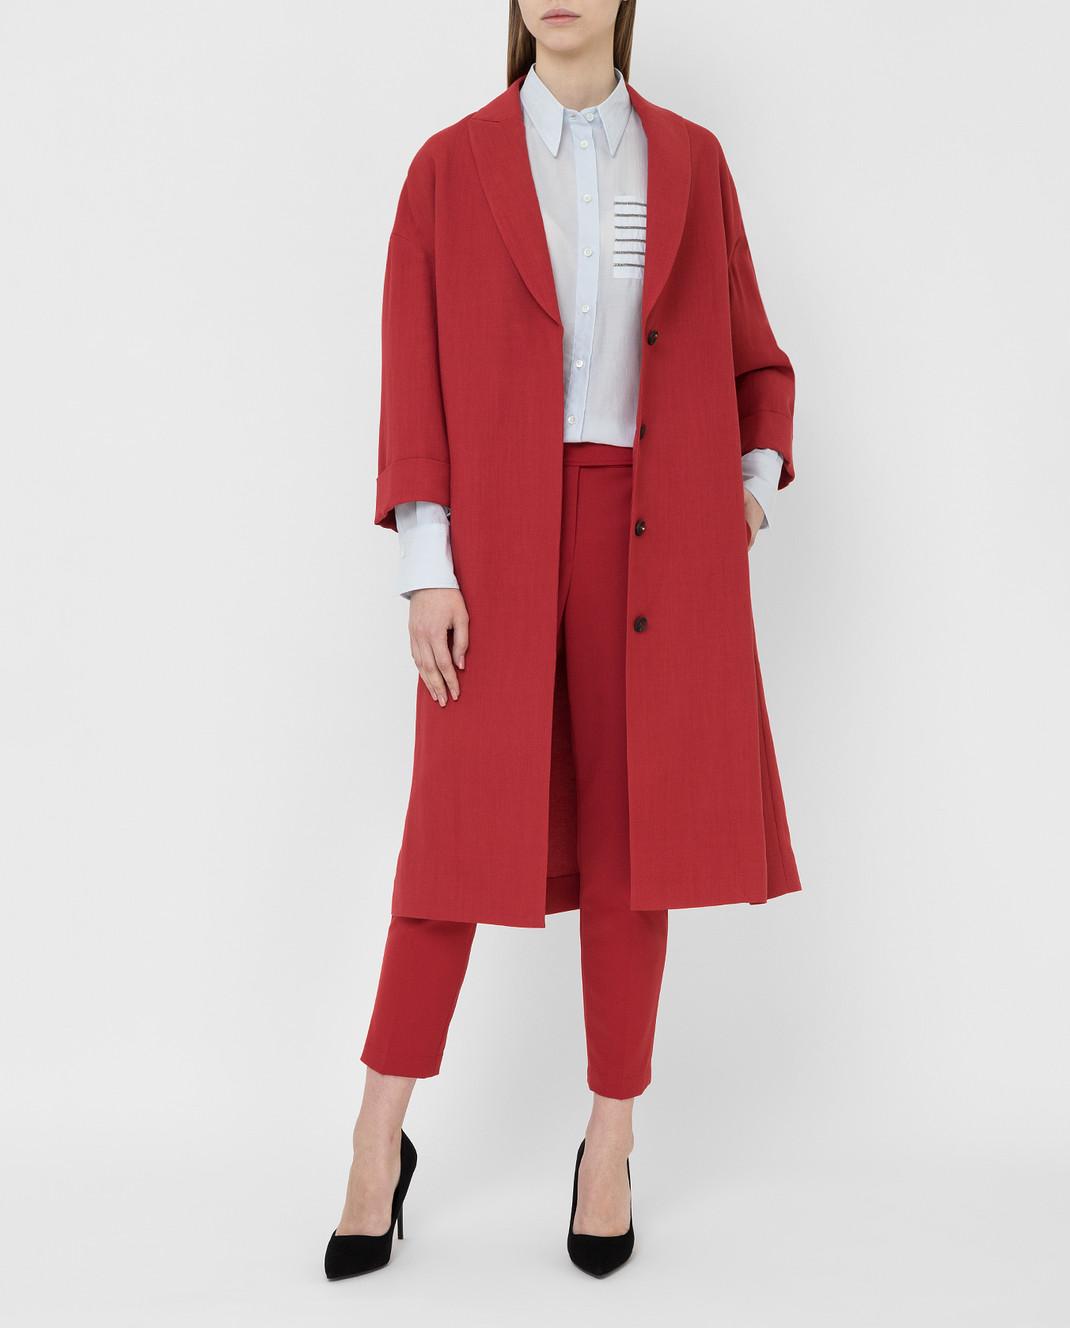 Brunello Cucinelli Красное пальто MH1269398 изображение 2